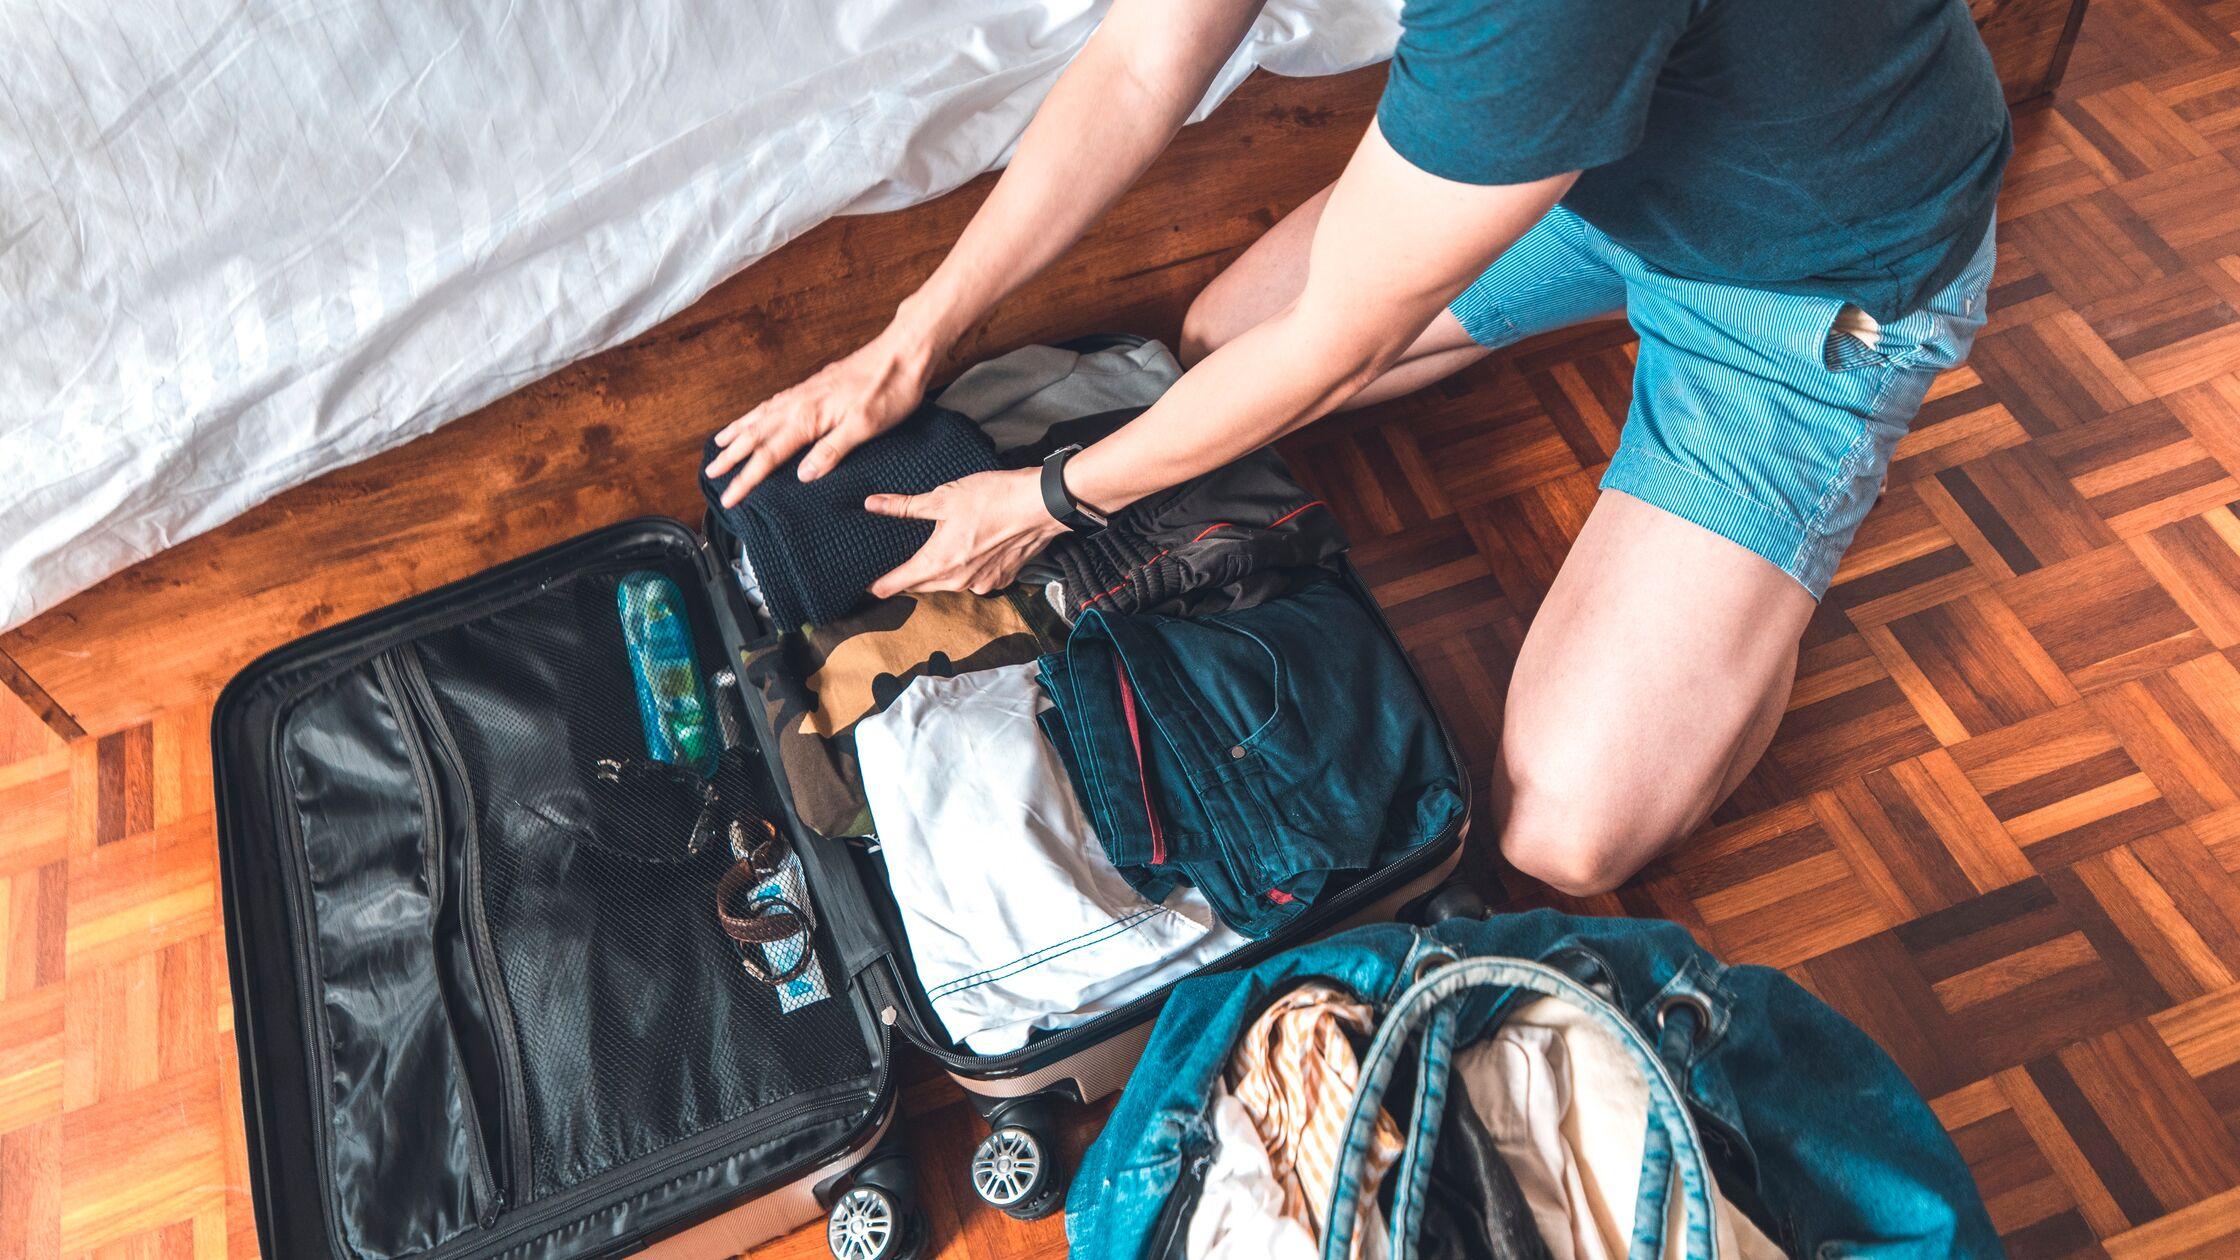 Checkliste für den Umzugstag: Was muss in den Überlebenskoffer?